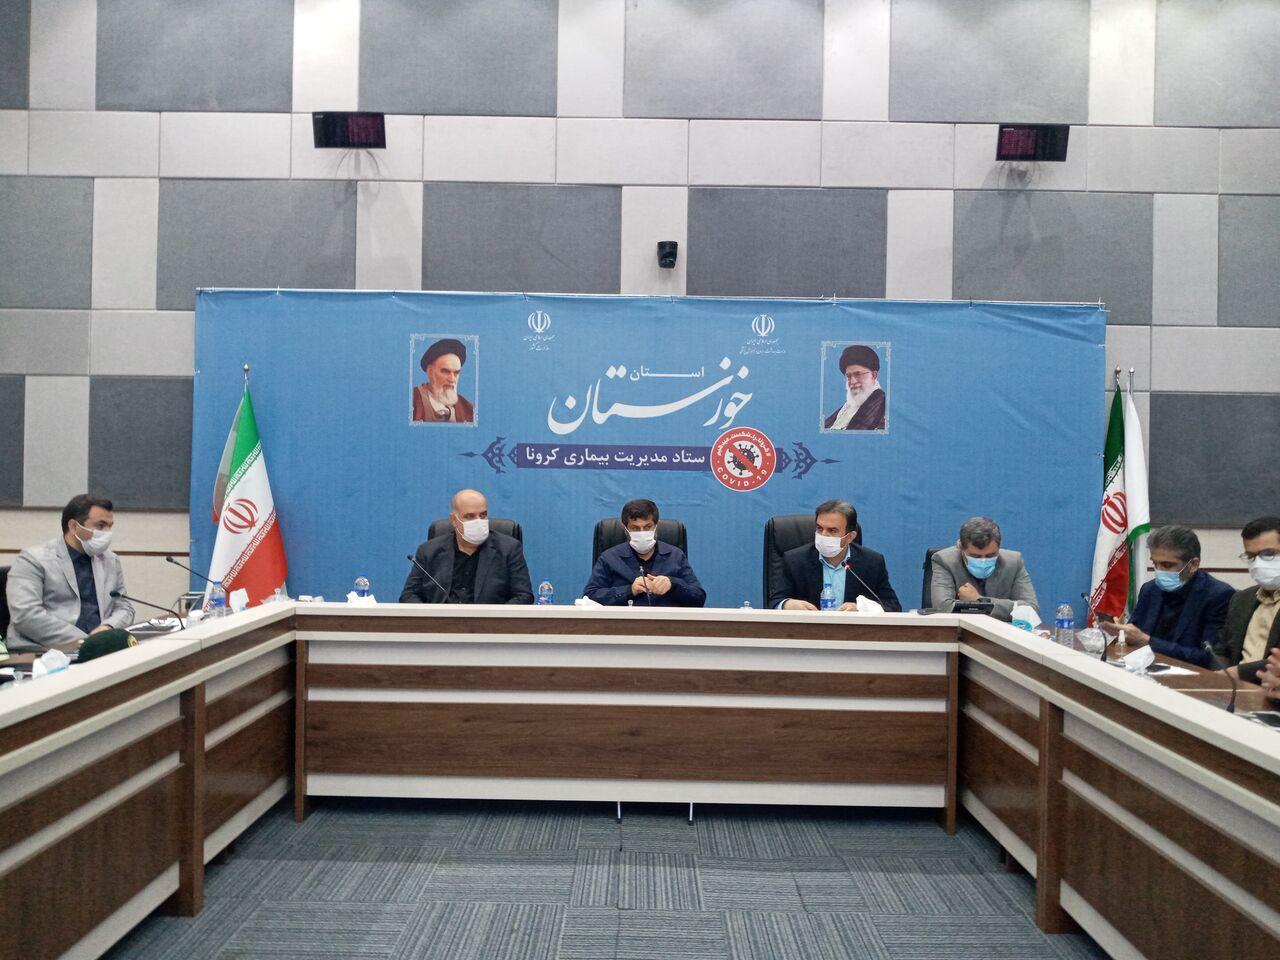 بازگشت دوباره اعمال محدودیتهای وضعیت قرمز در خوزستان